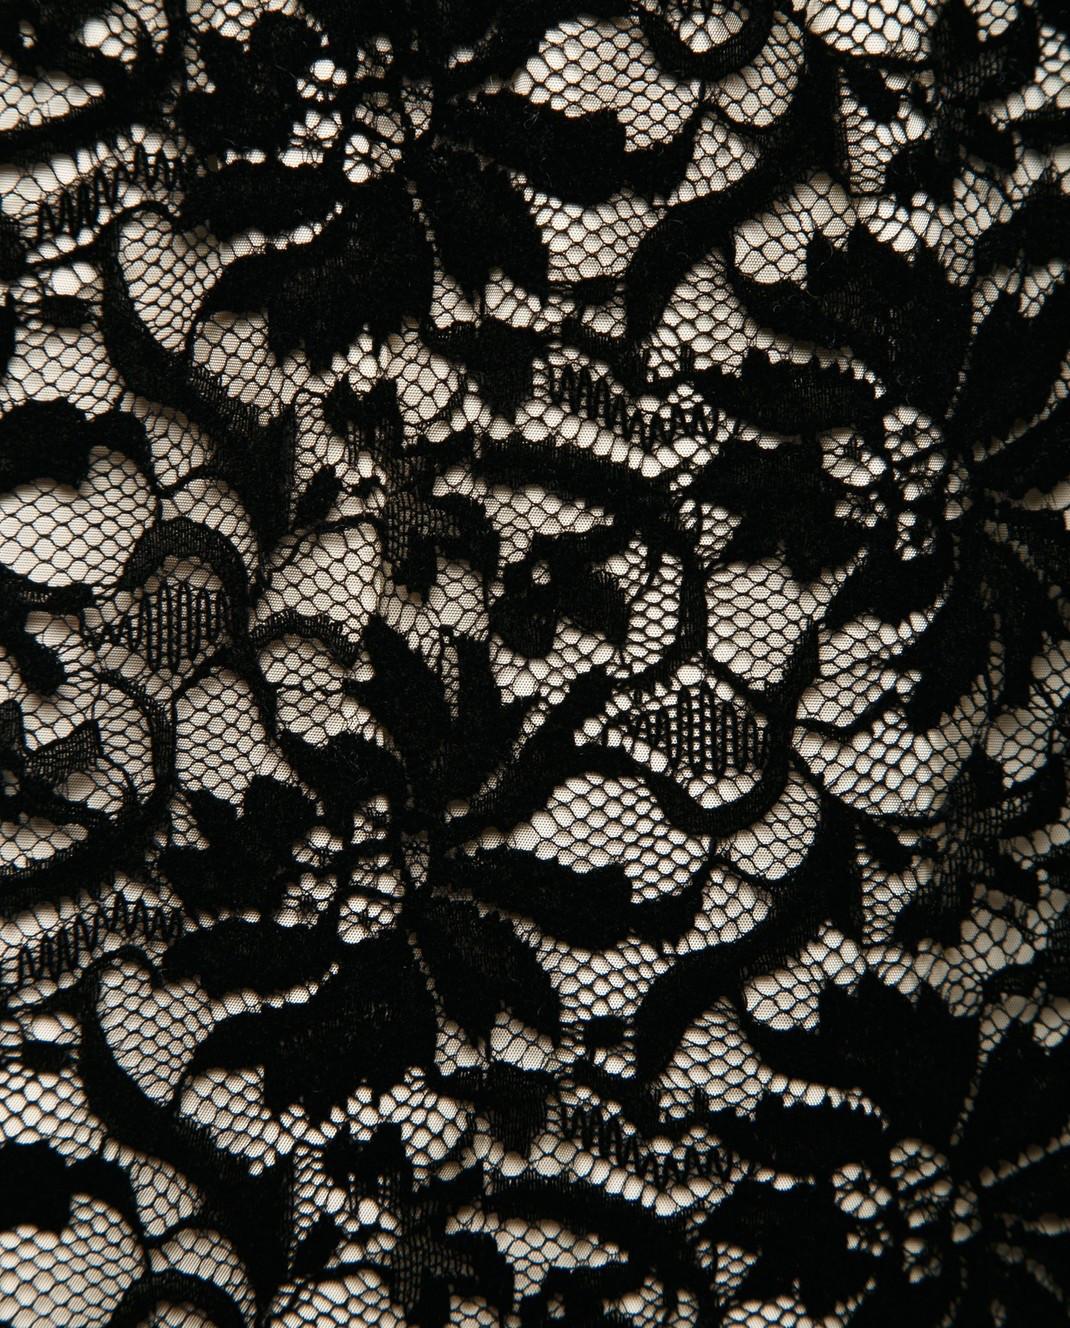 Marc Jacobs Золотистая юбка из кружева M4007156 изображение 3